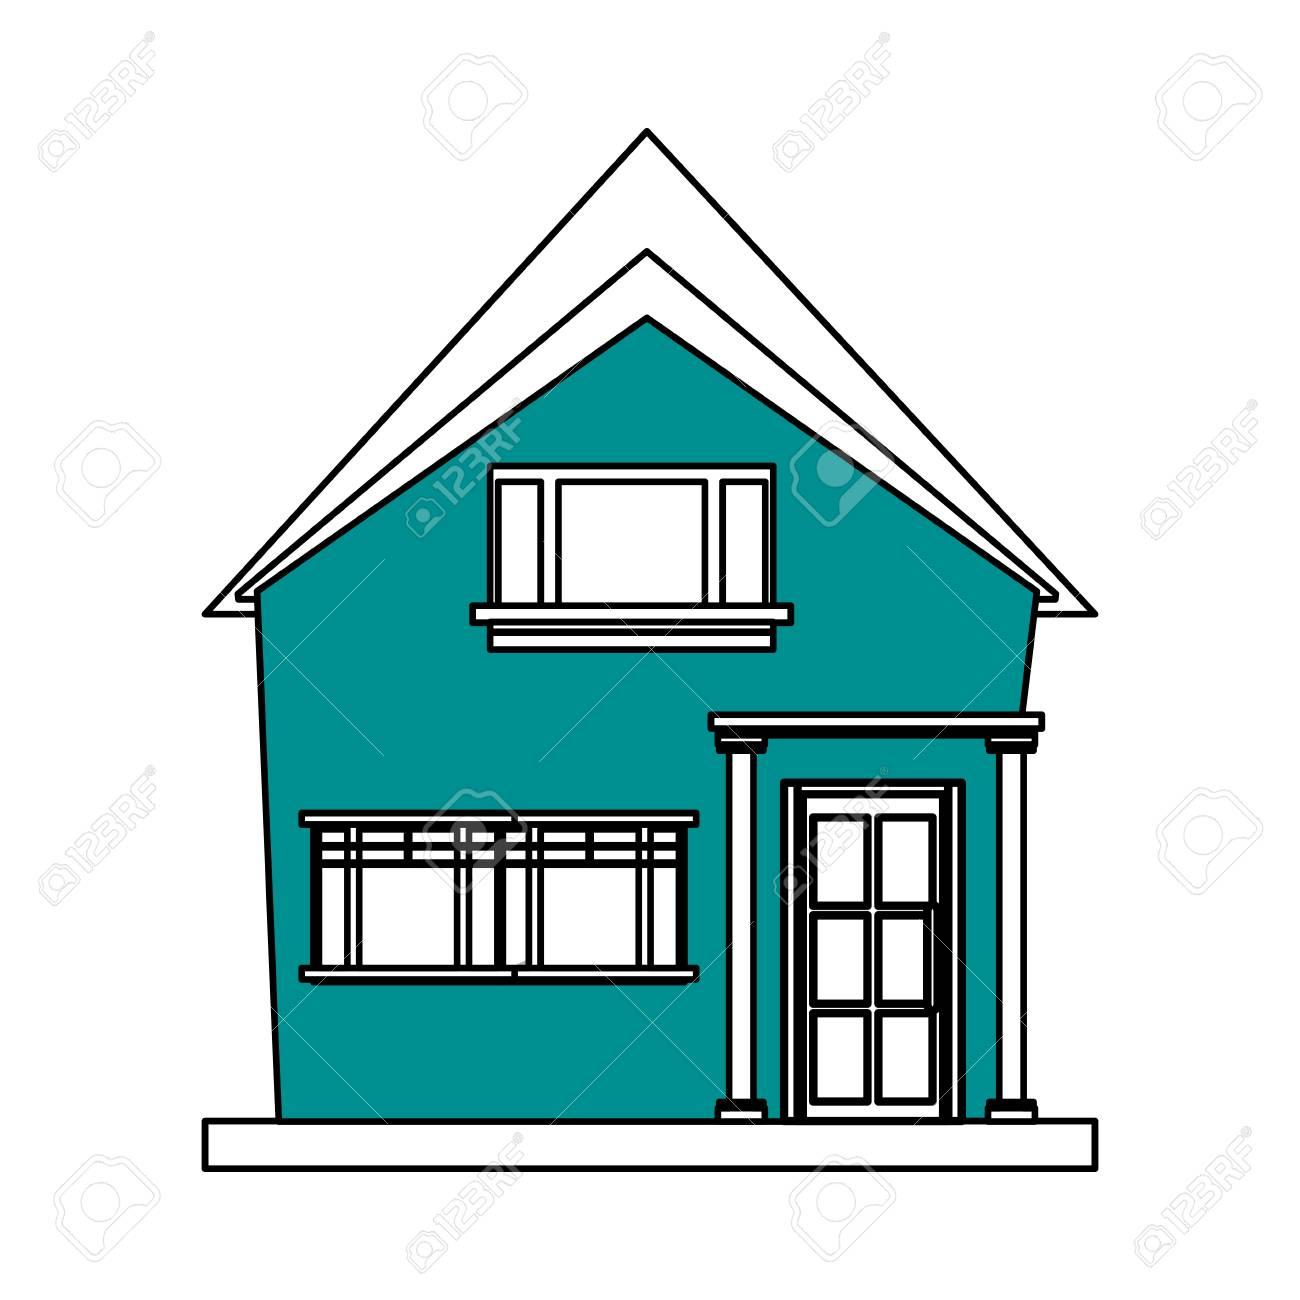 Color Silueta Dibujos Animados Azul Fachada Estructura Irregular Casa Con Ilustración De Vector De Estilo Moderno